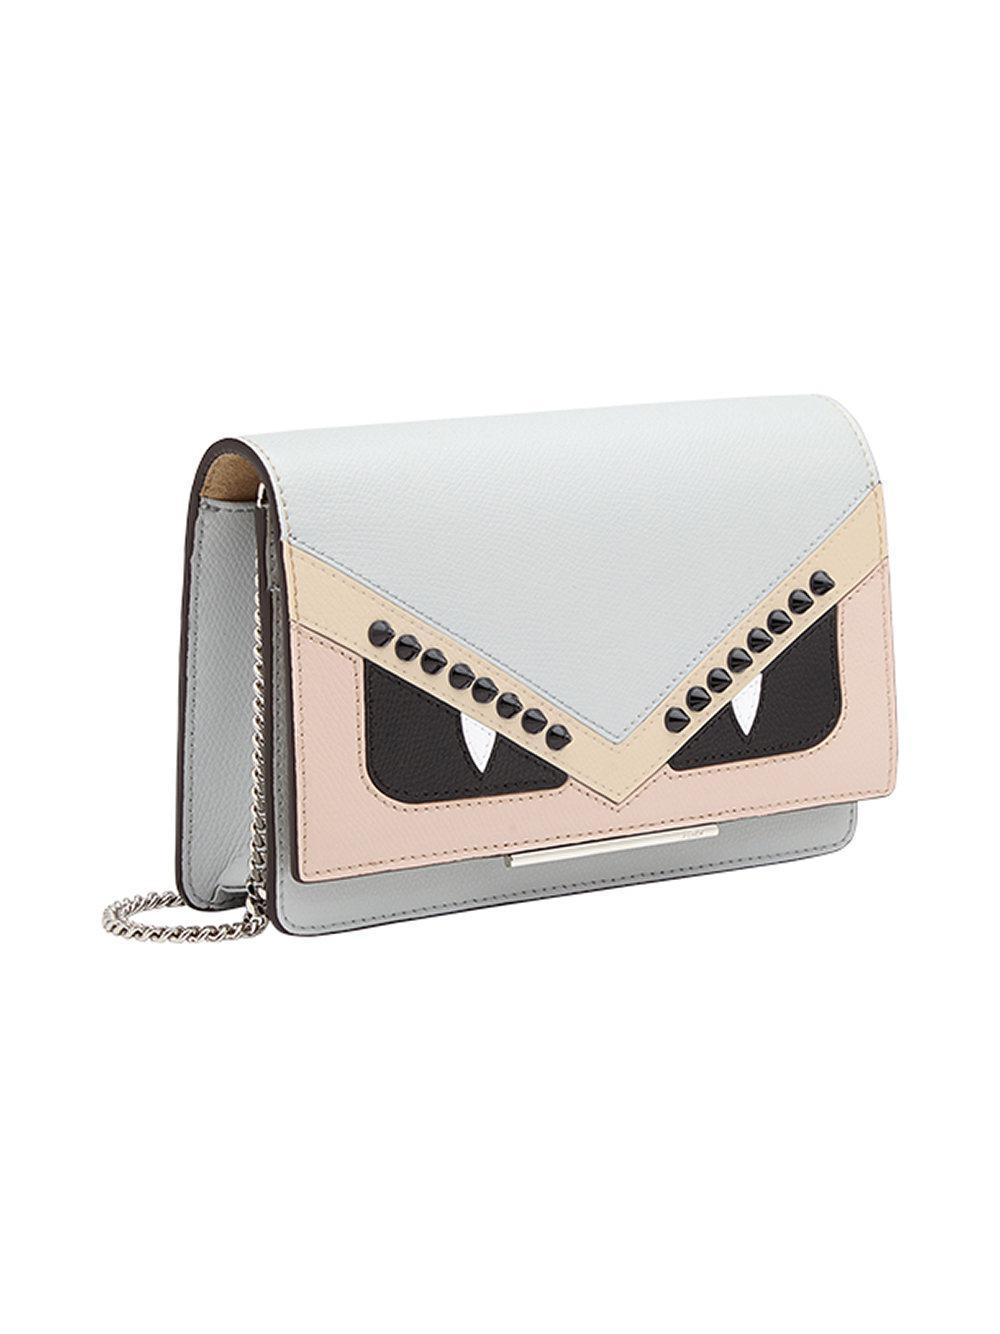 59b794414926 Fendi - Gray Wallet On Chain Mini Bag - Lyst. View fullscreen